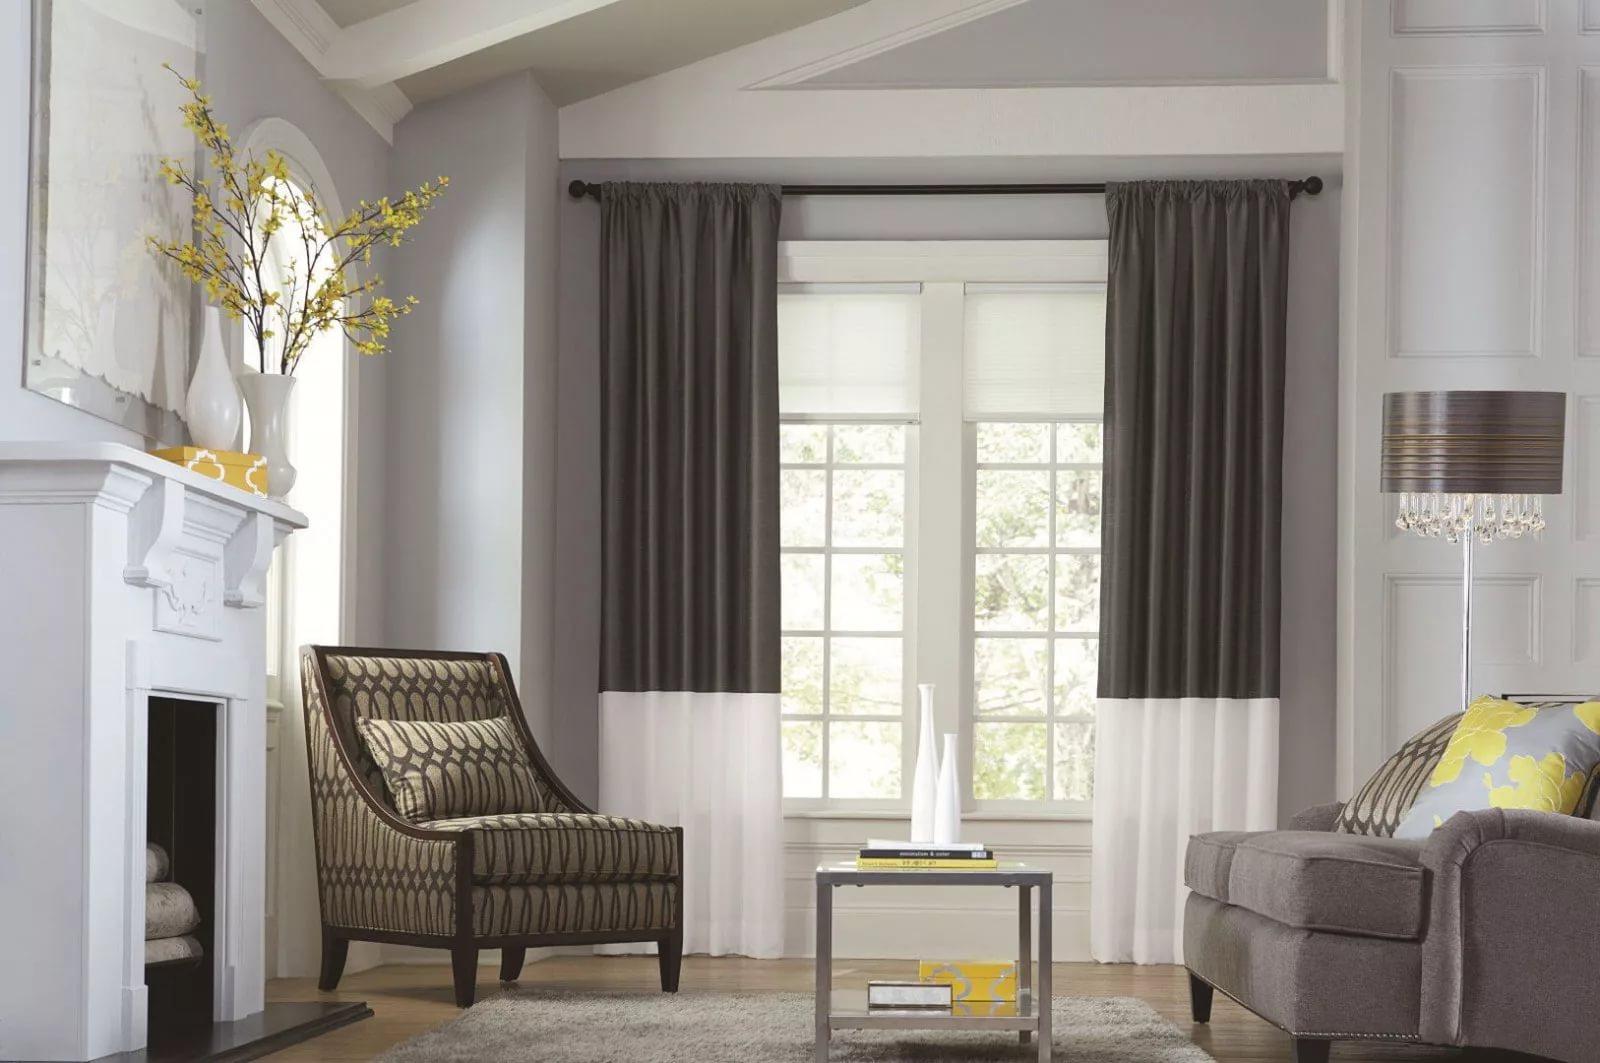 фото-видео идеи оформления окон шторами в гостиной фото ералашс